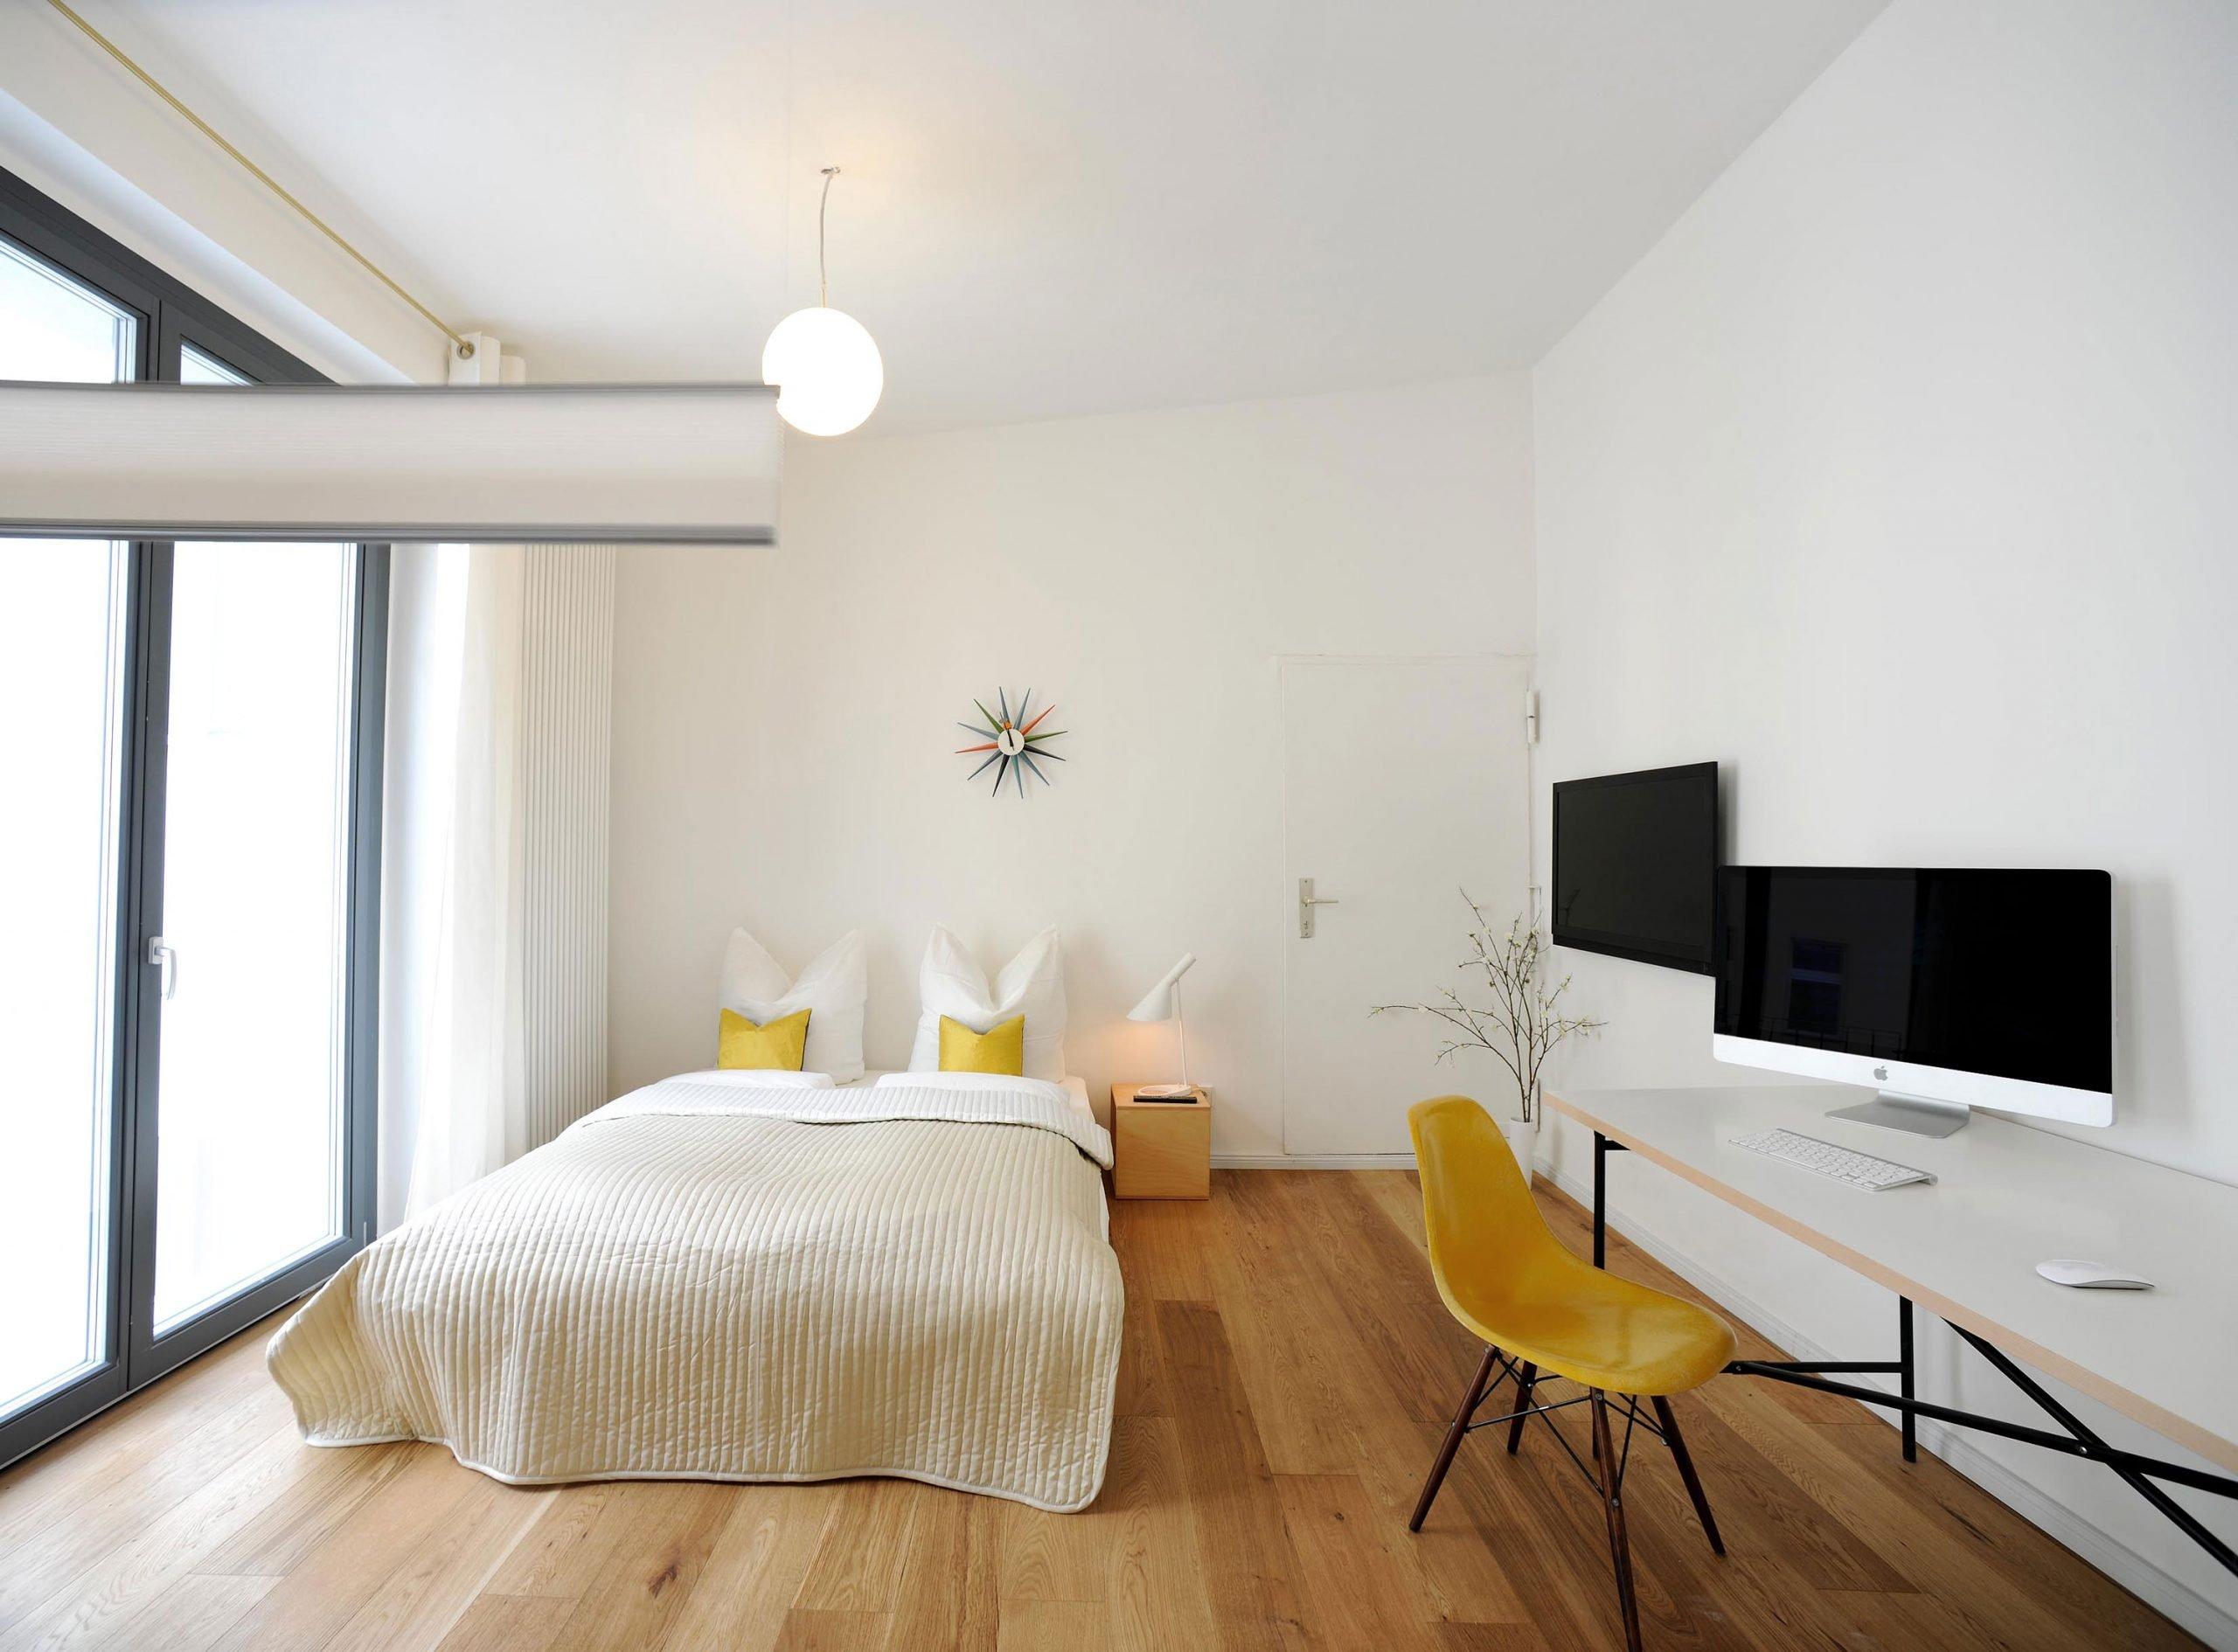 Studio PBerg studio apartment